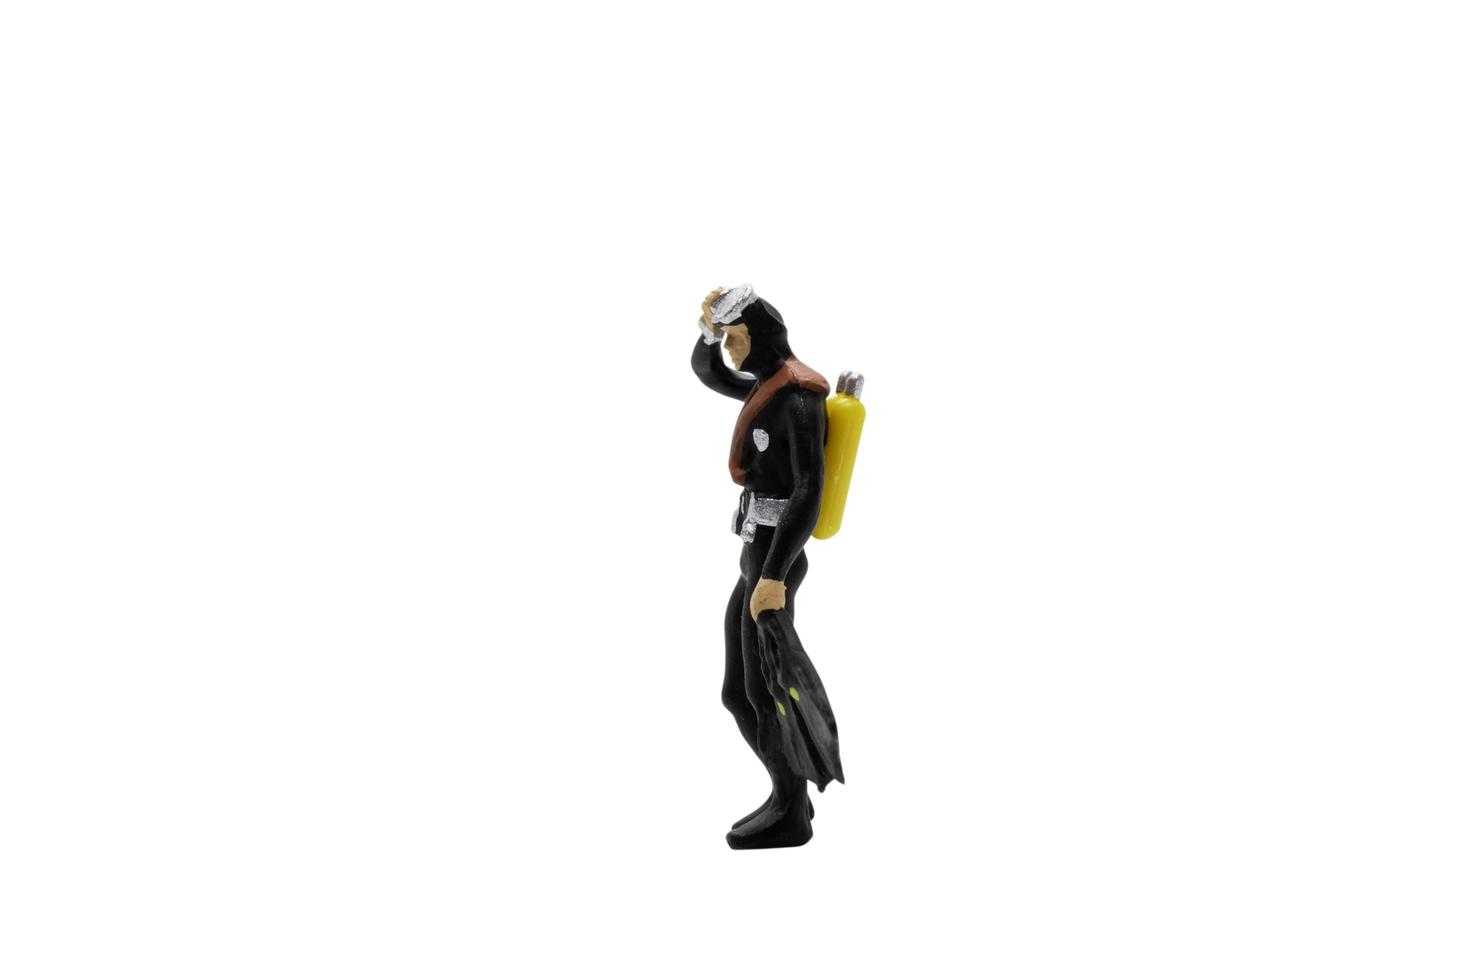 Figurine miniature d'un plongeur isolé sur fond blanc photo